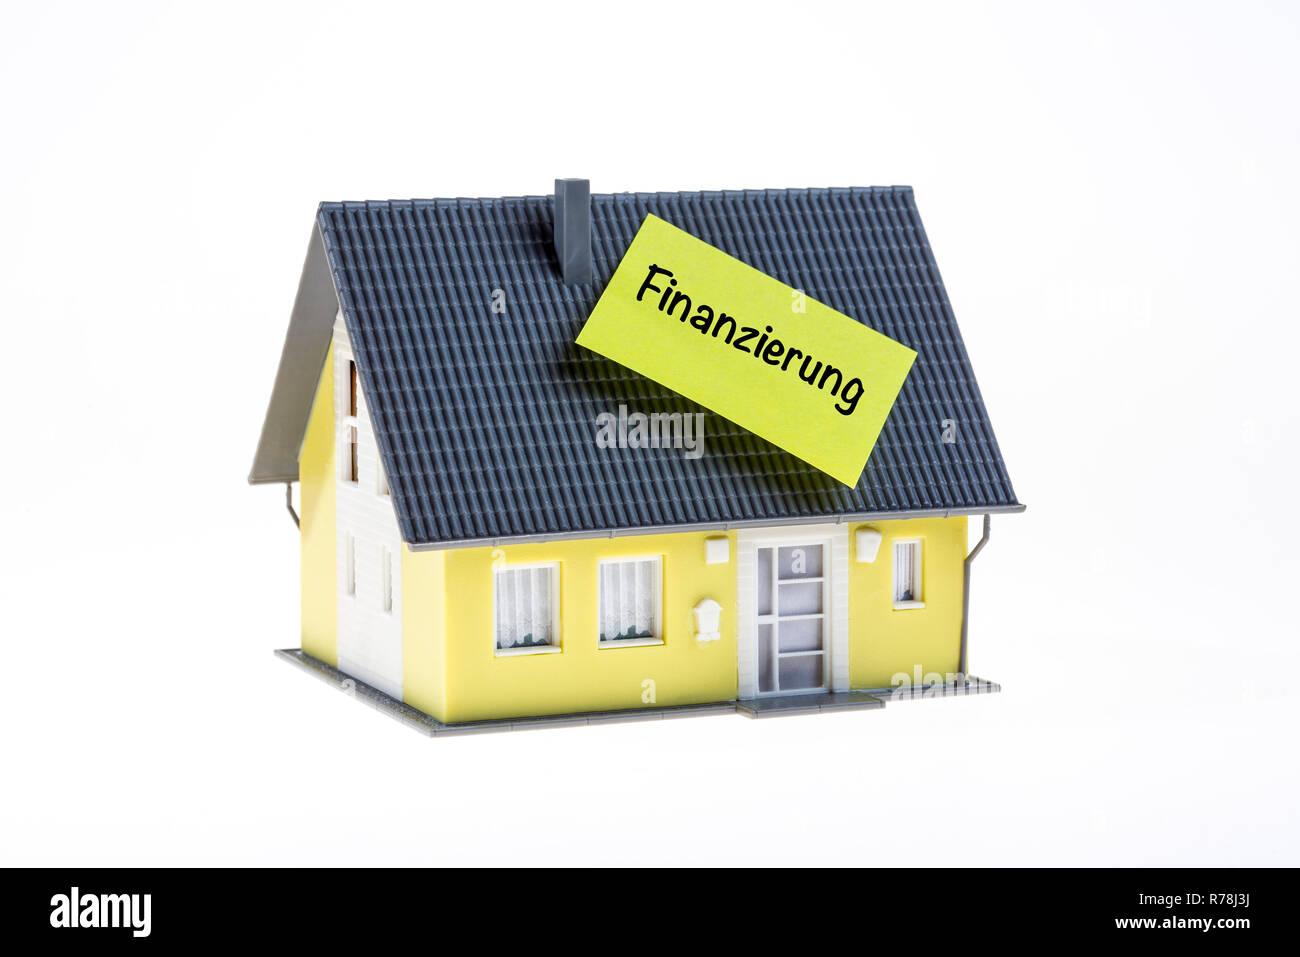 Immobilien, Baufinanzierung, Deutsche Sprache Stockbild